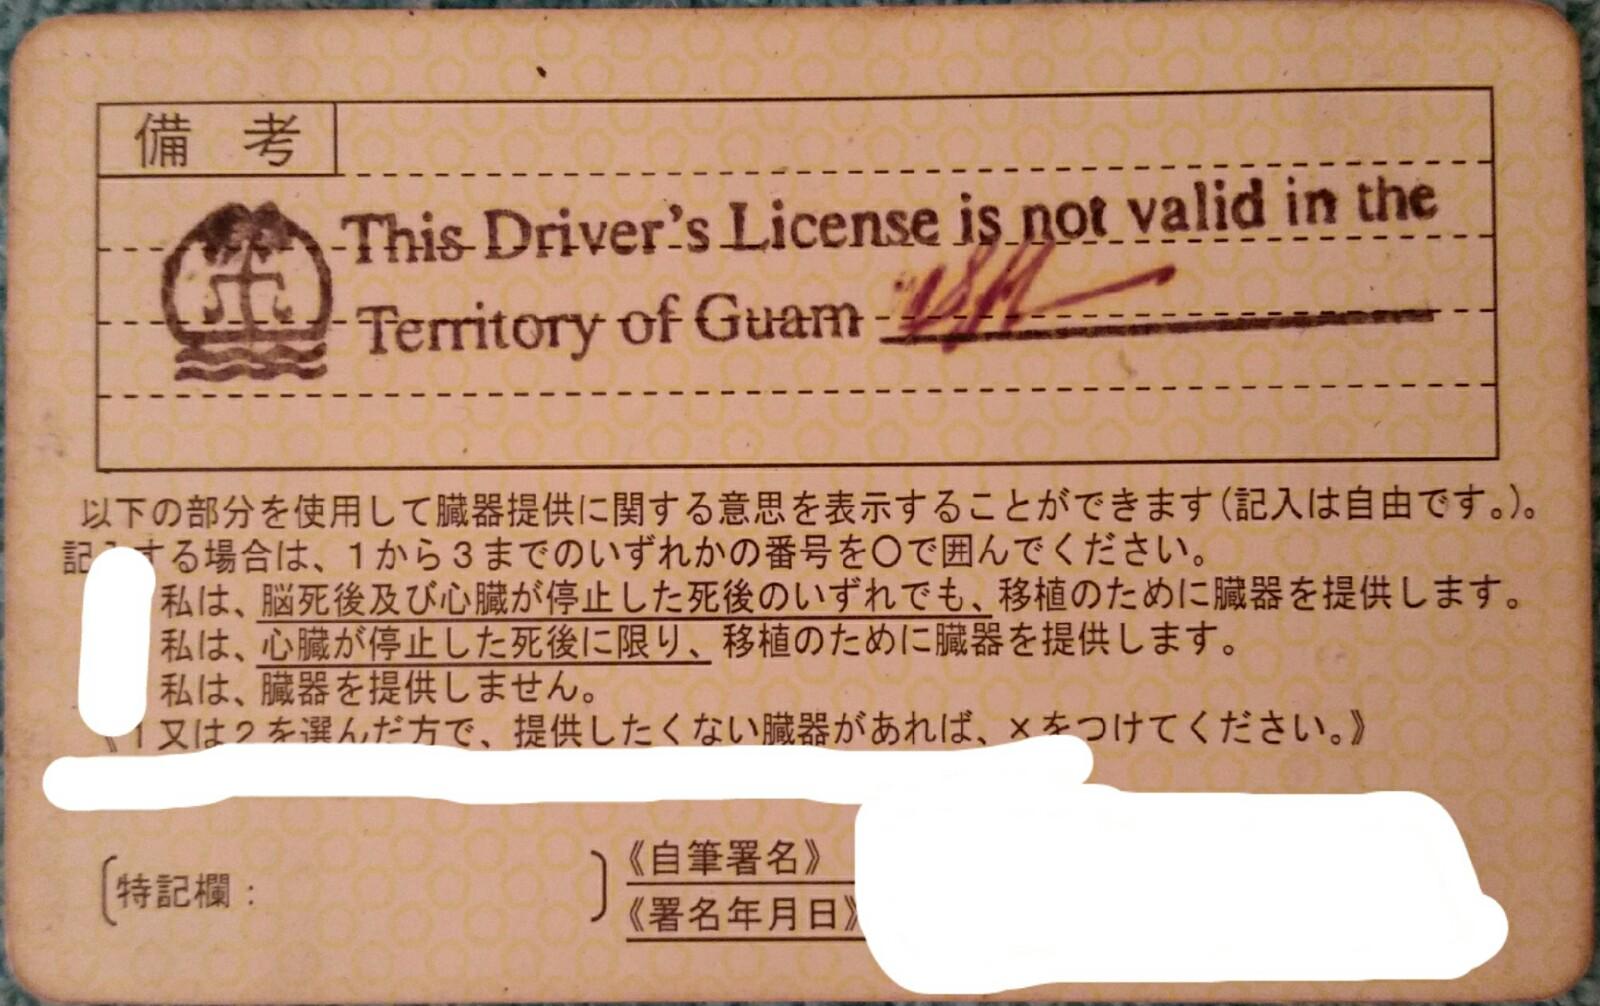 日本免許グアム使用不可スタンプ